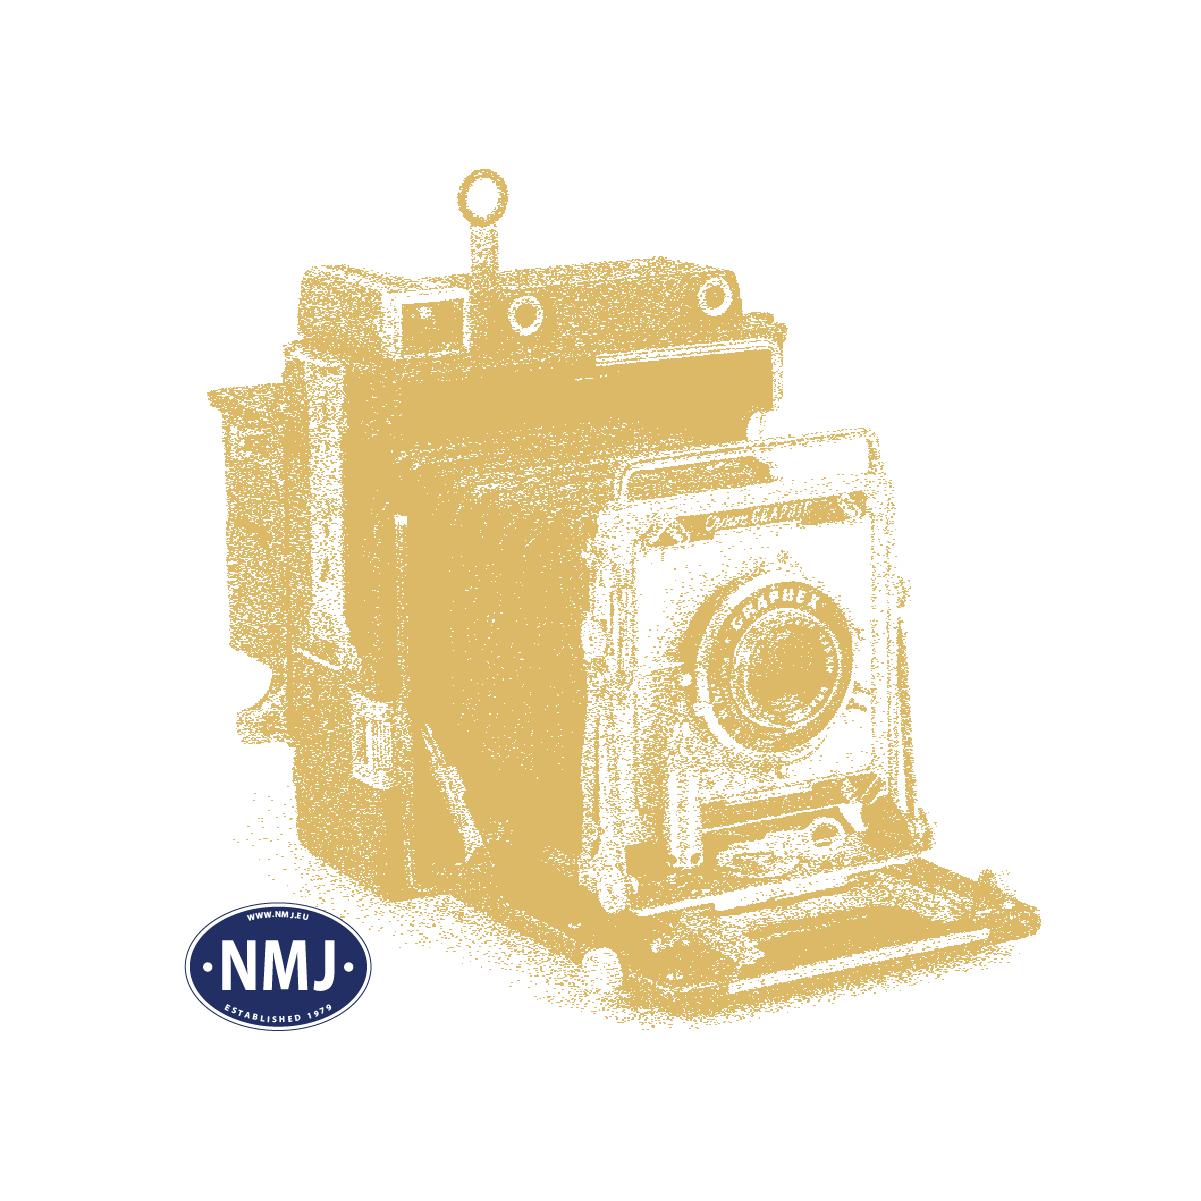 NMJB1134 - NMJ Tømmerstabler, 2 Stk